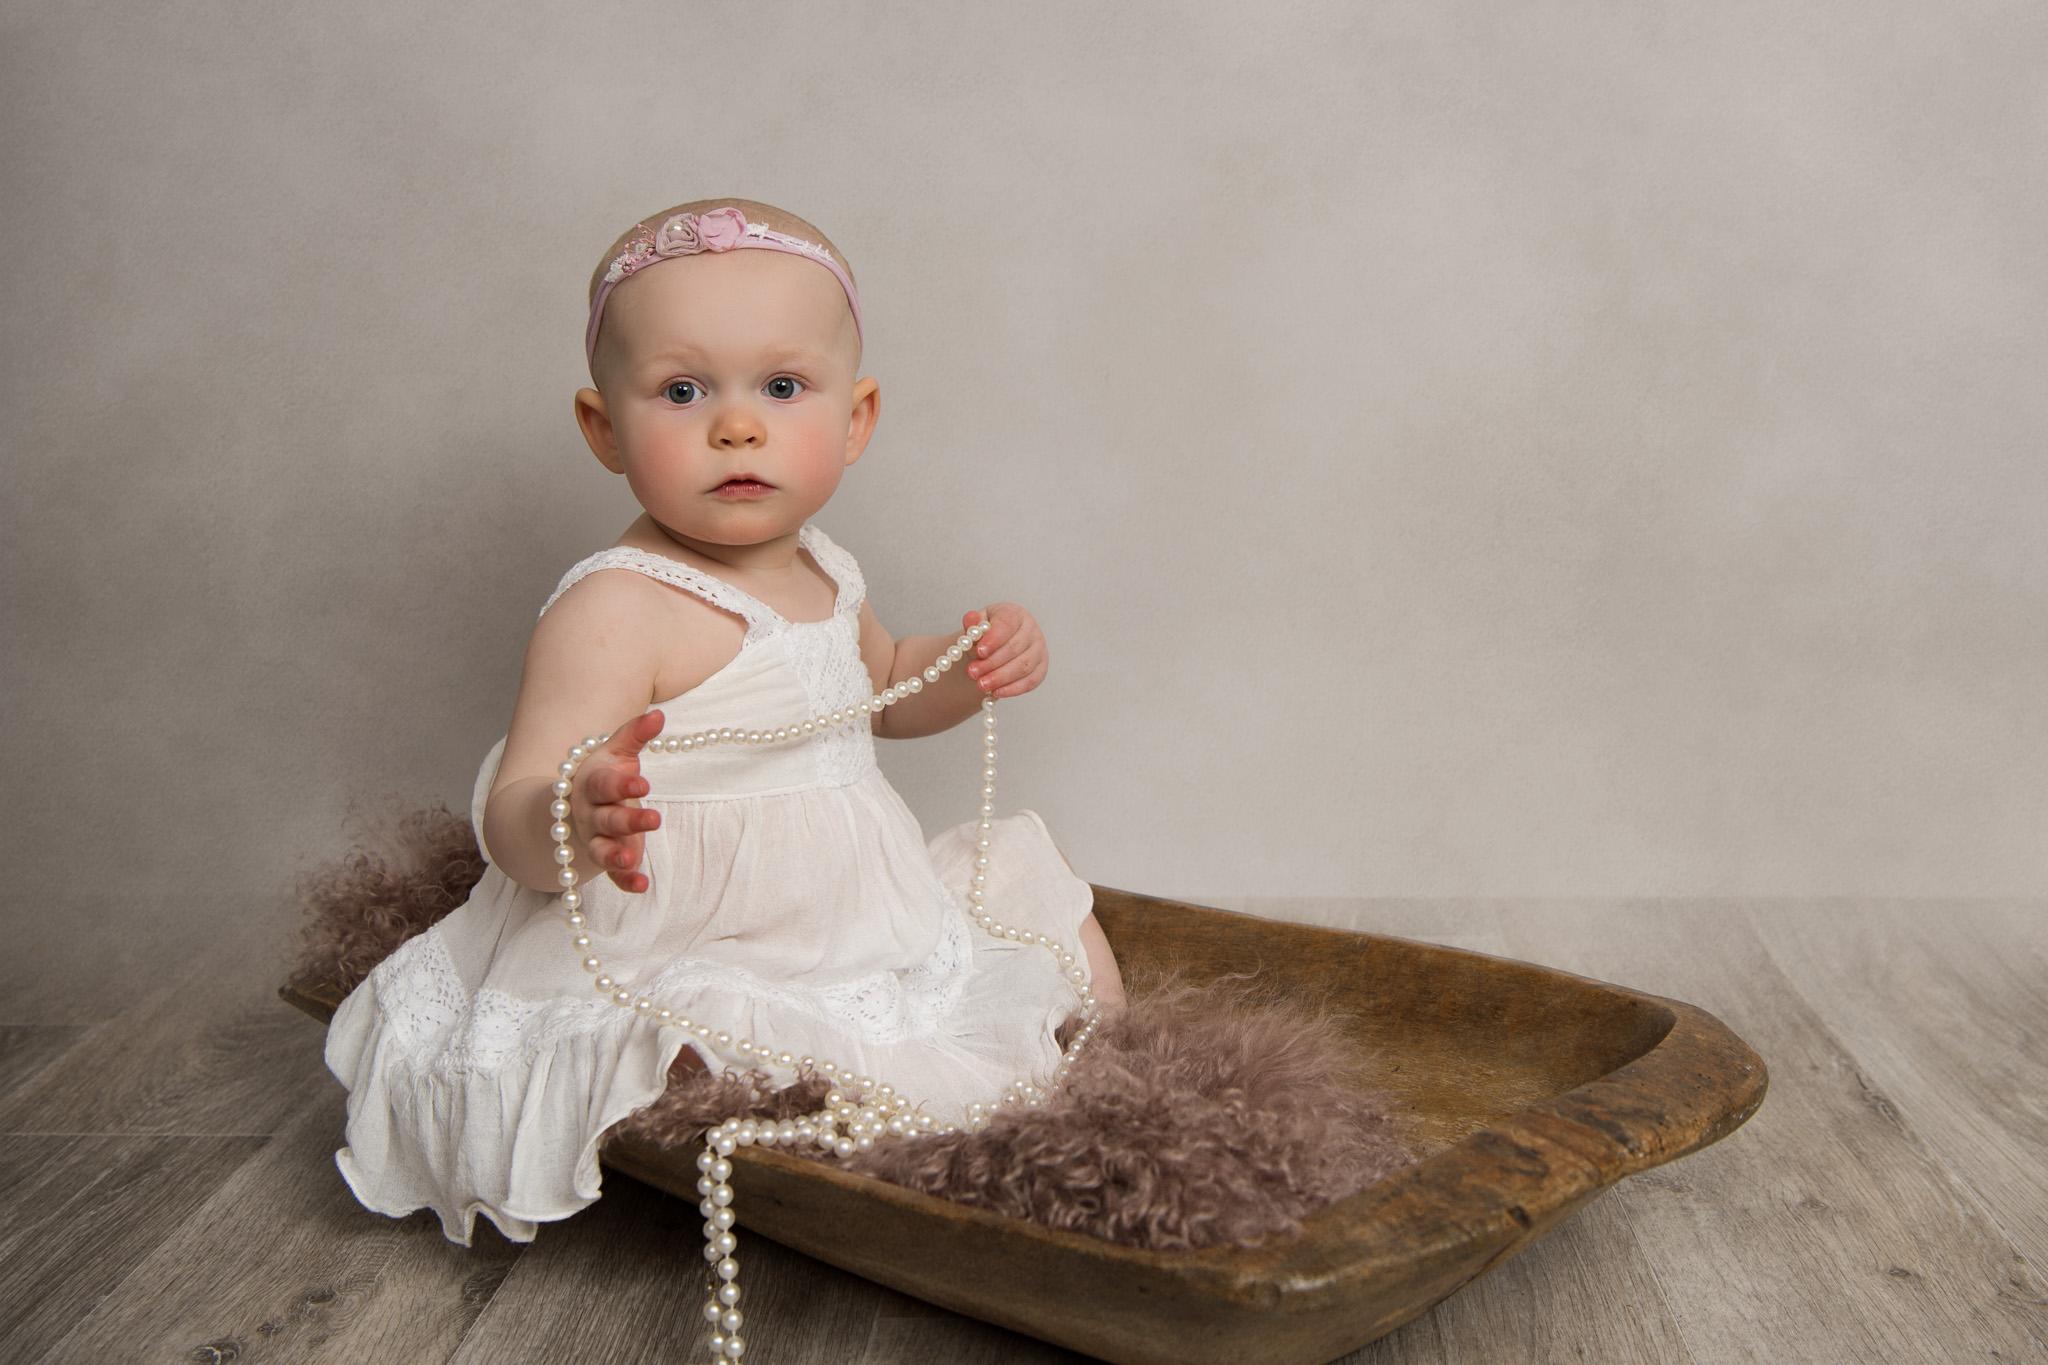 Barnfotograf Kristianstad Smallmoments by Any-photo -3470